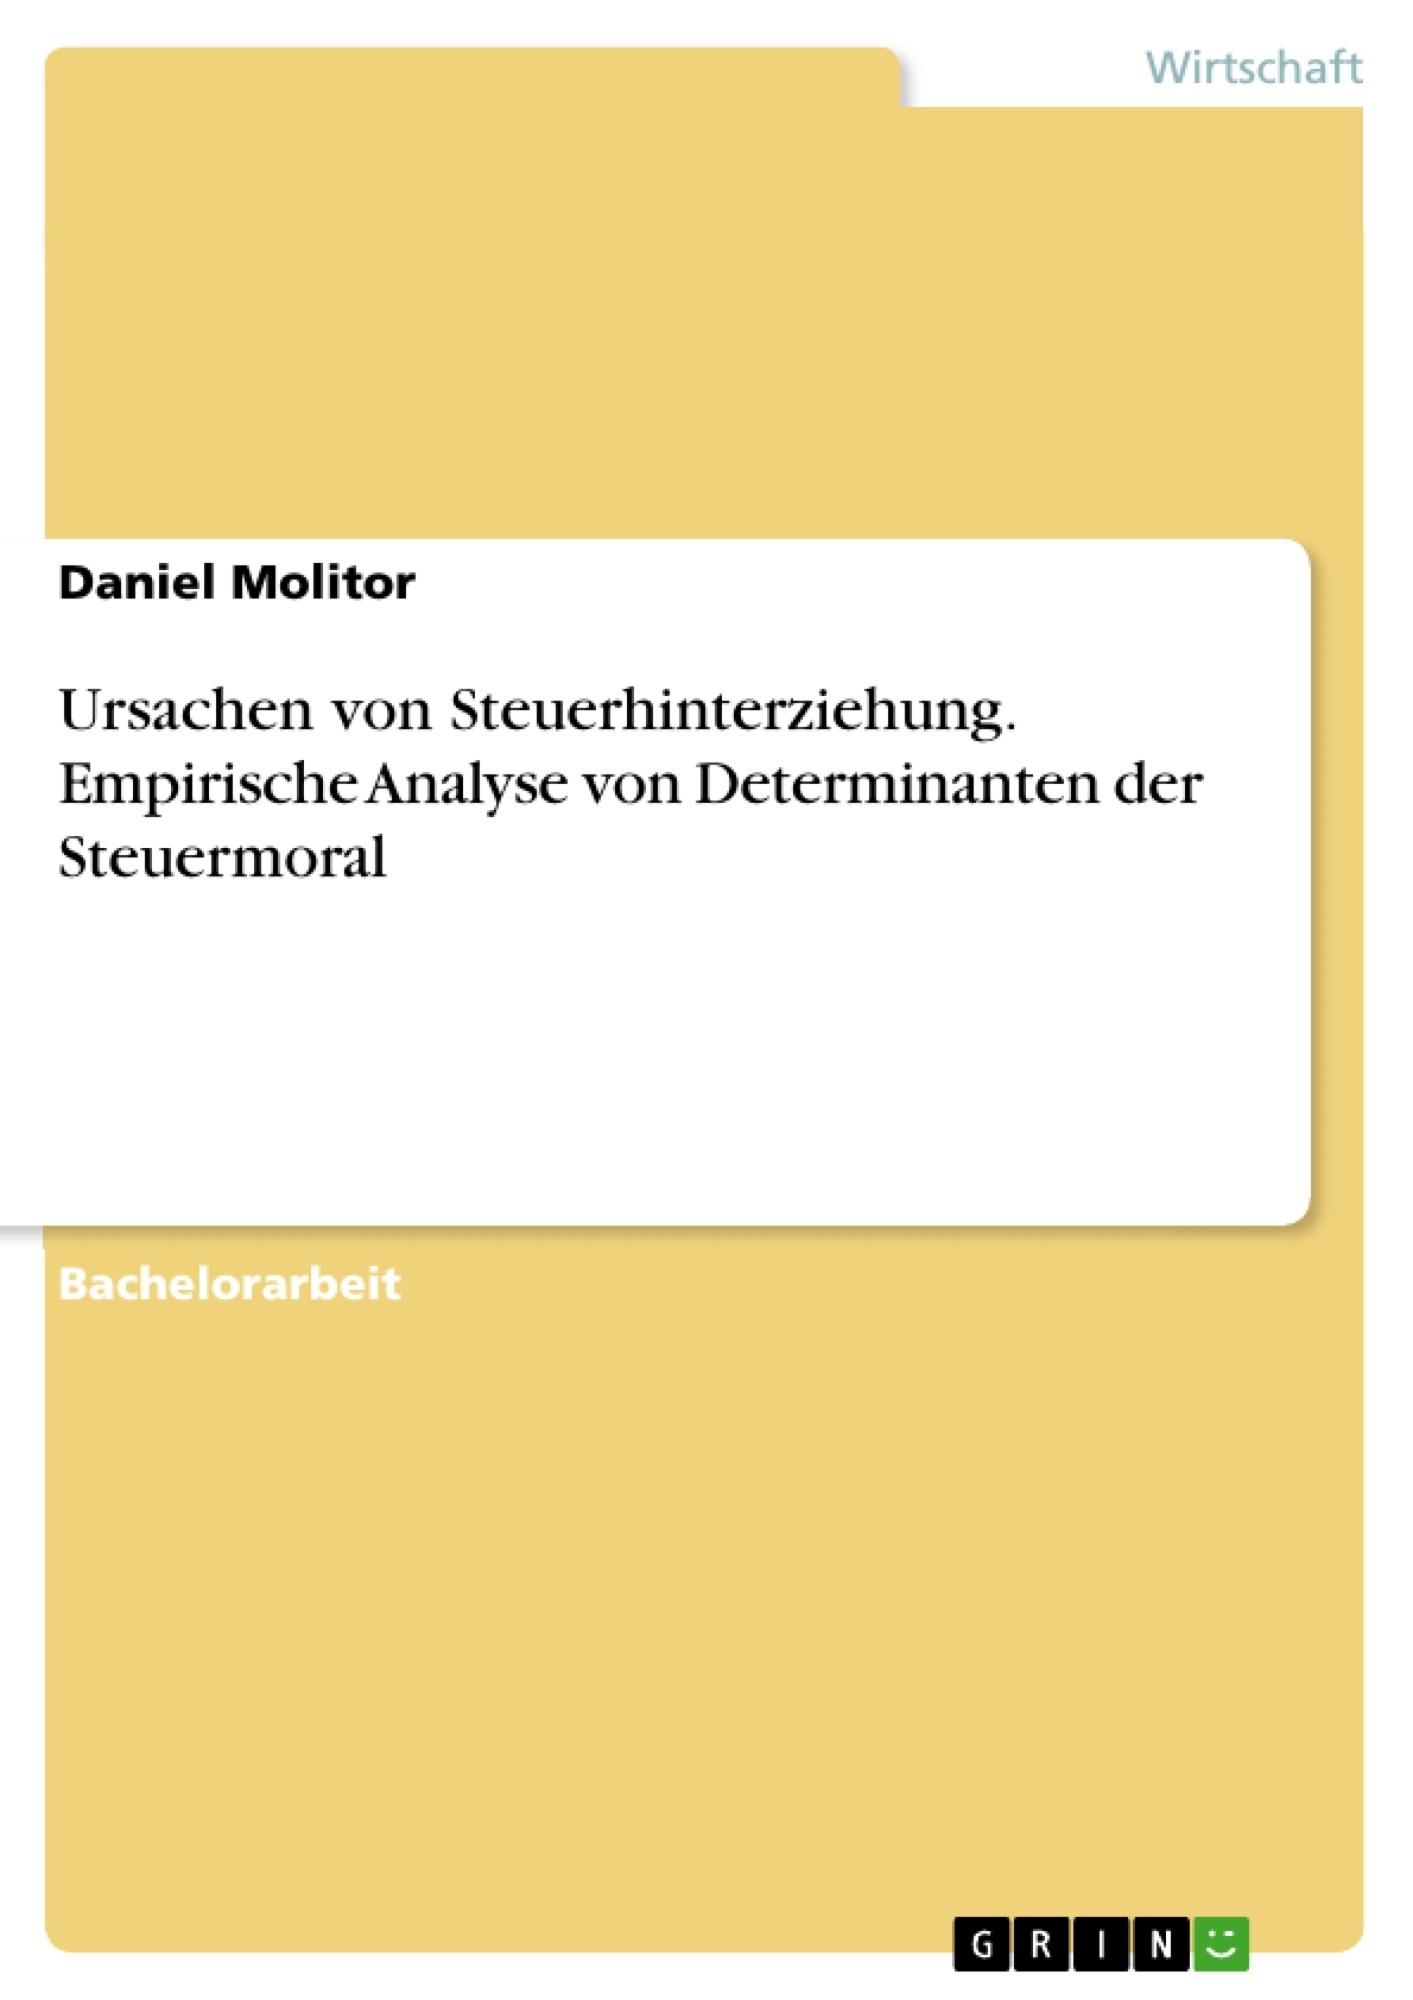 Titel: Ursachen von Steuerhinterziehung. Empirische Analyse von Determinanten der Steuermoral